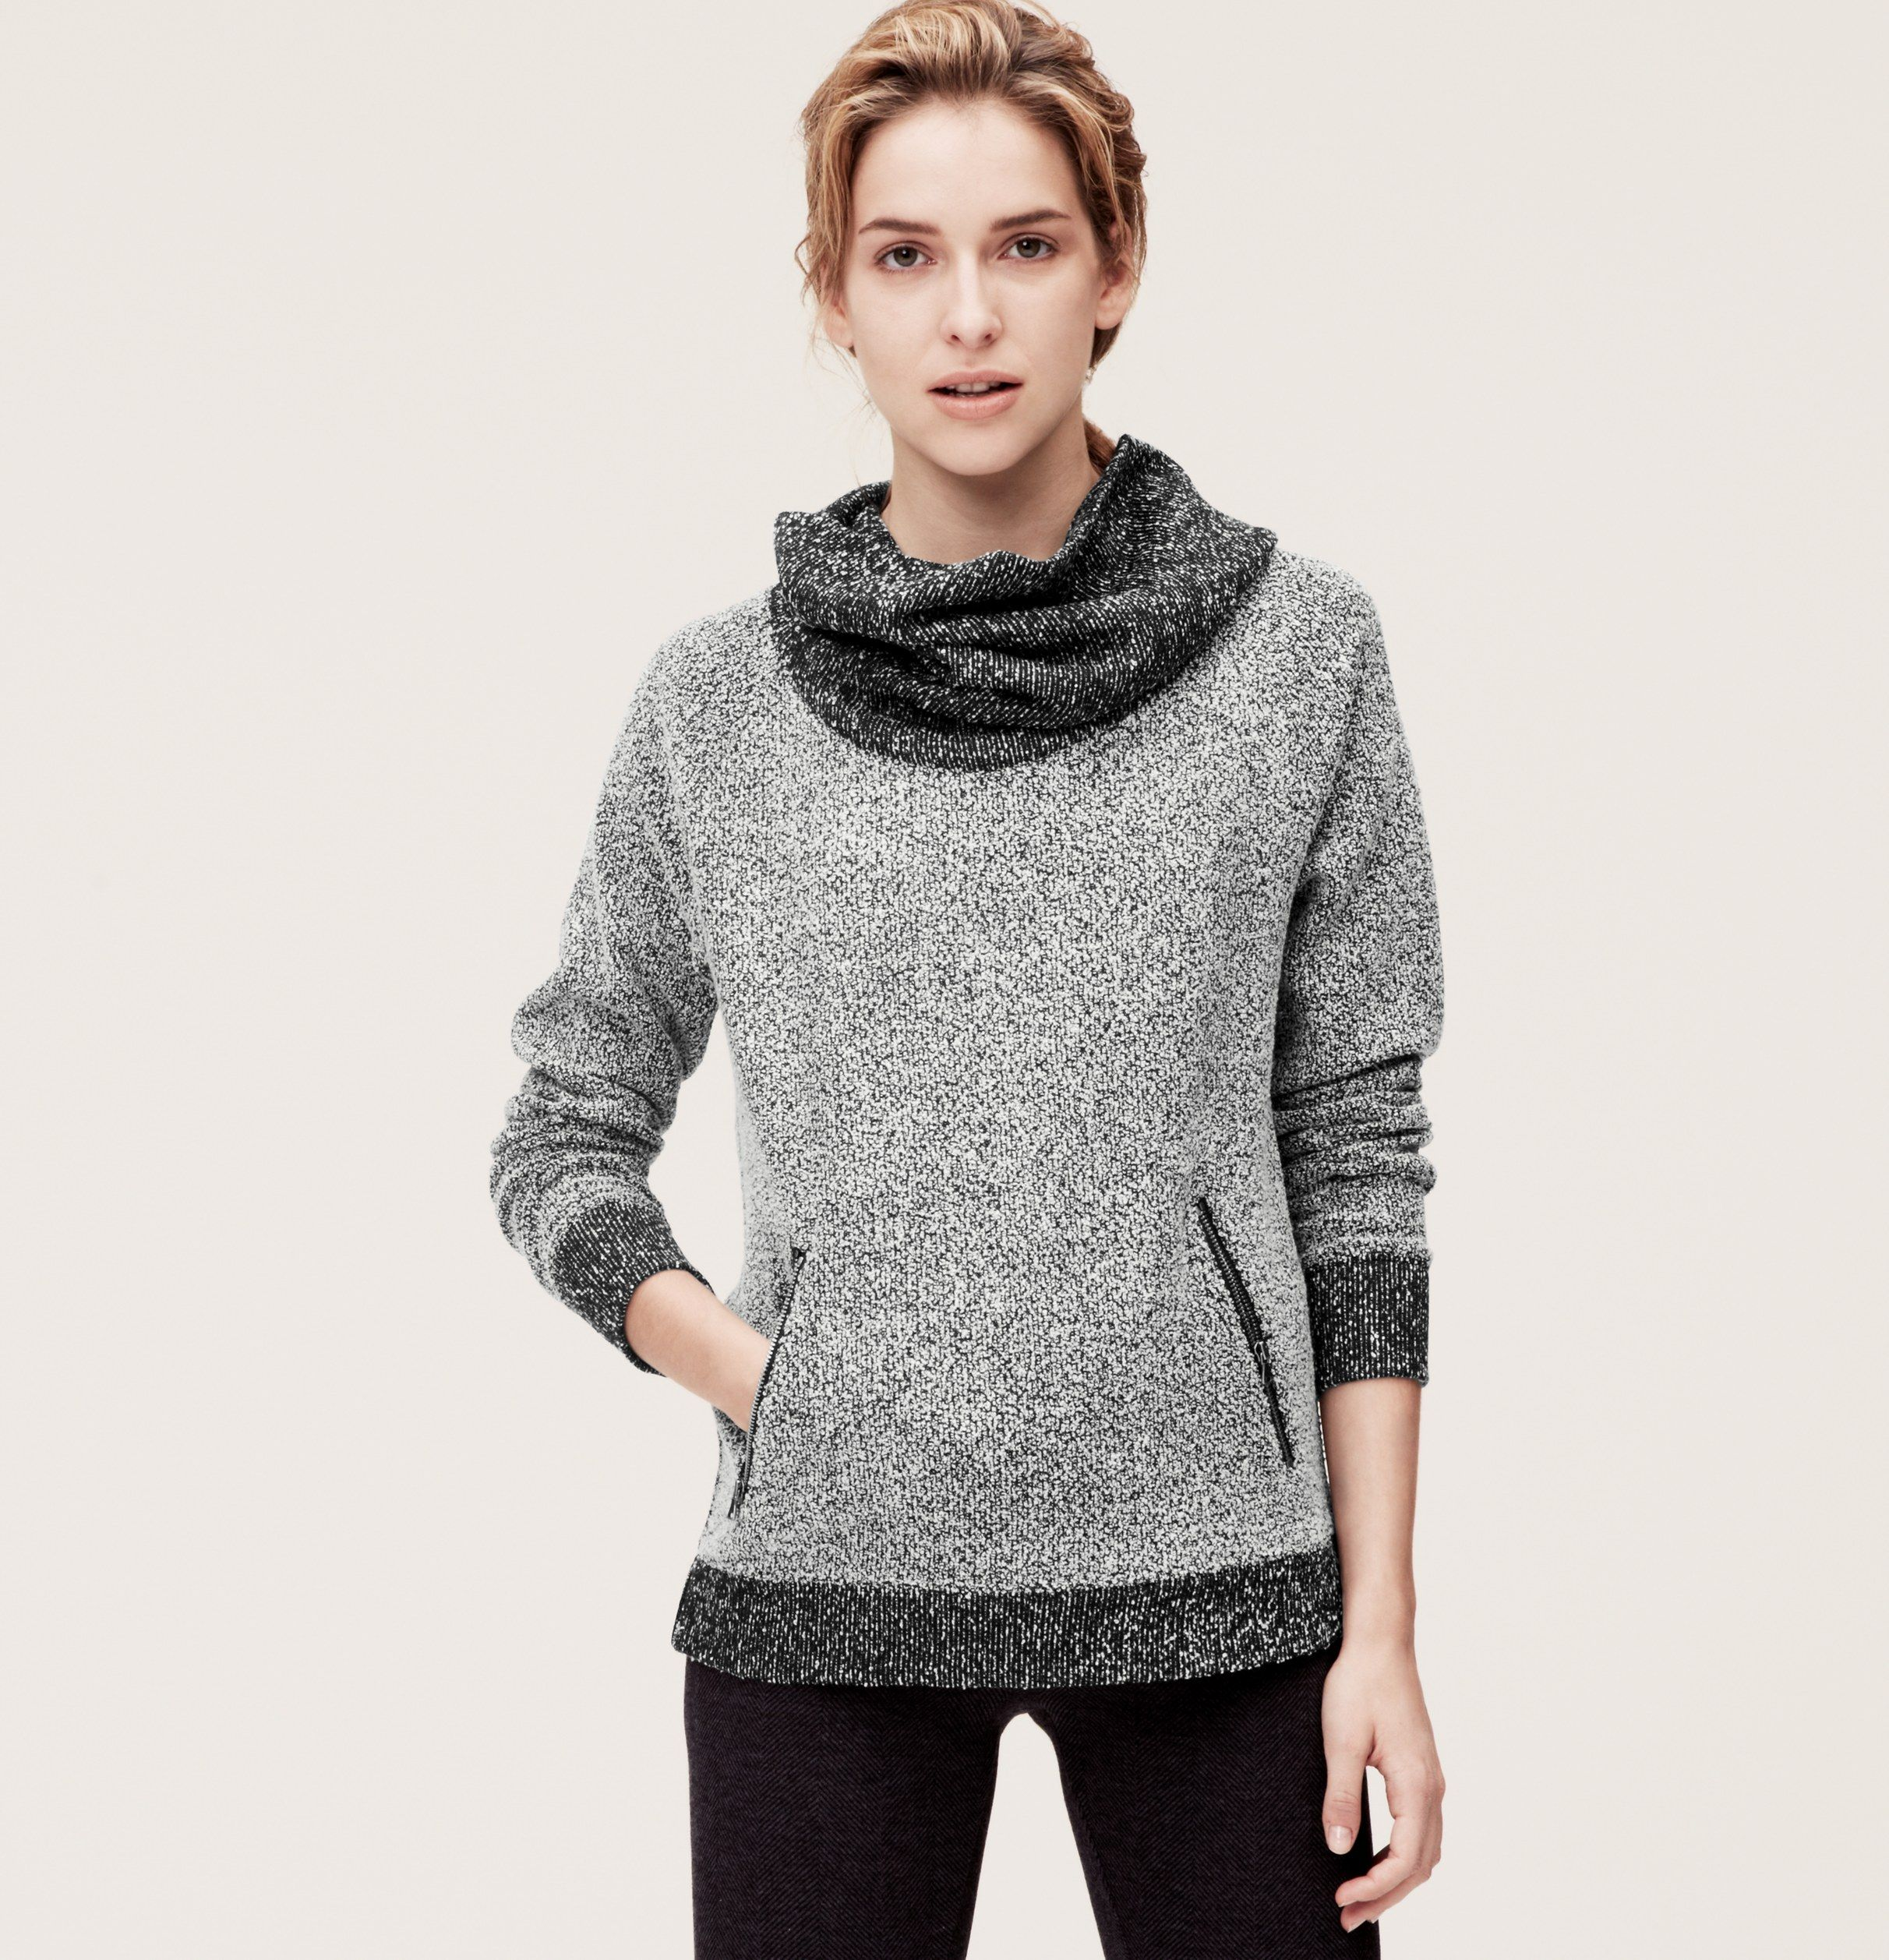 Textured Cowl Neck Zip Pocket Top | Loft | Outerwear | Pinterest ...